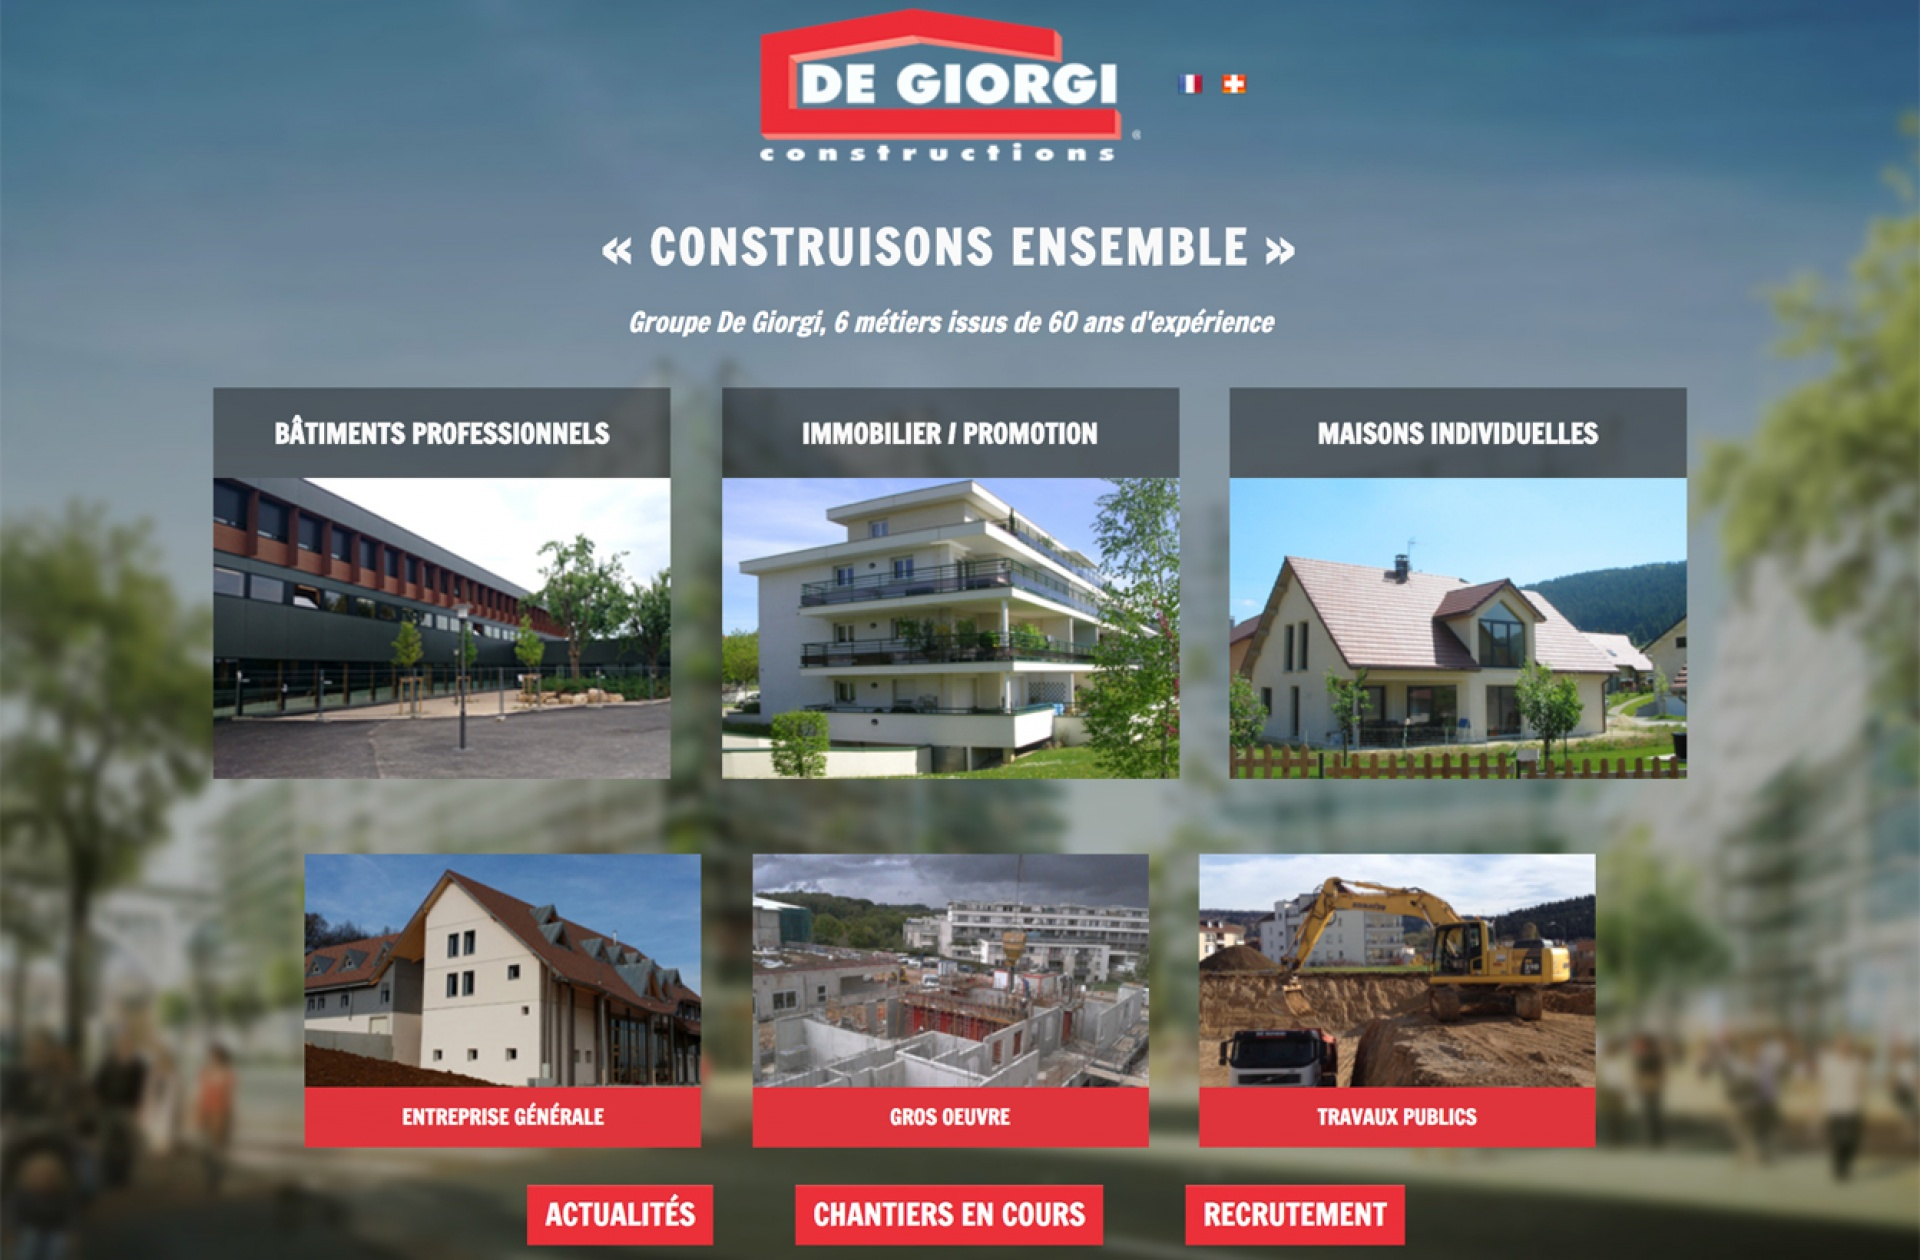 Exemple : Site web de la Société De Giorgi